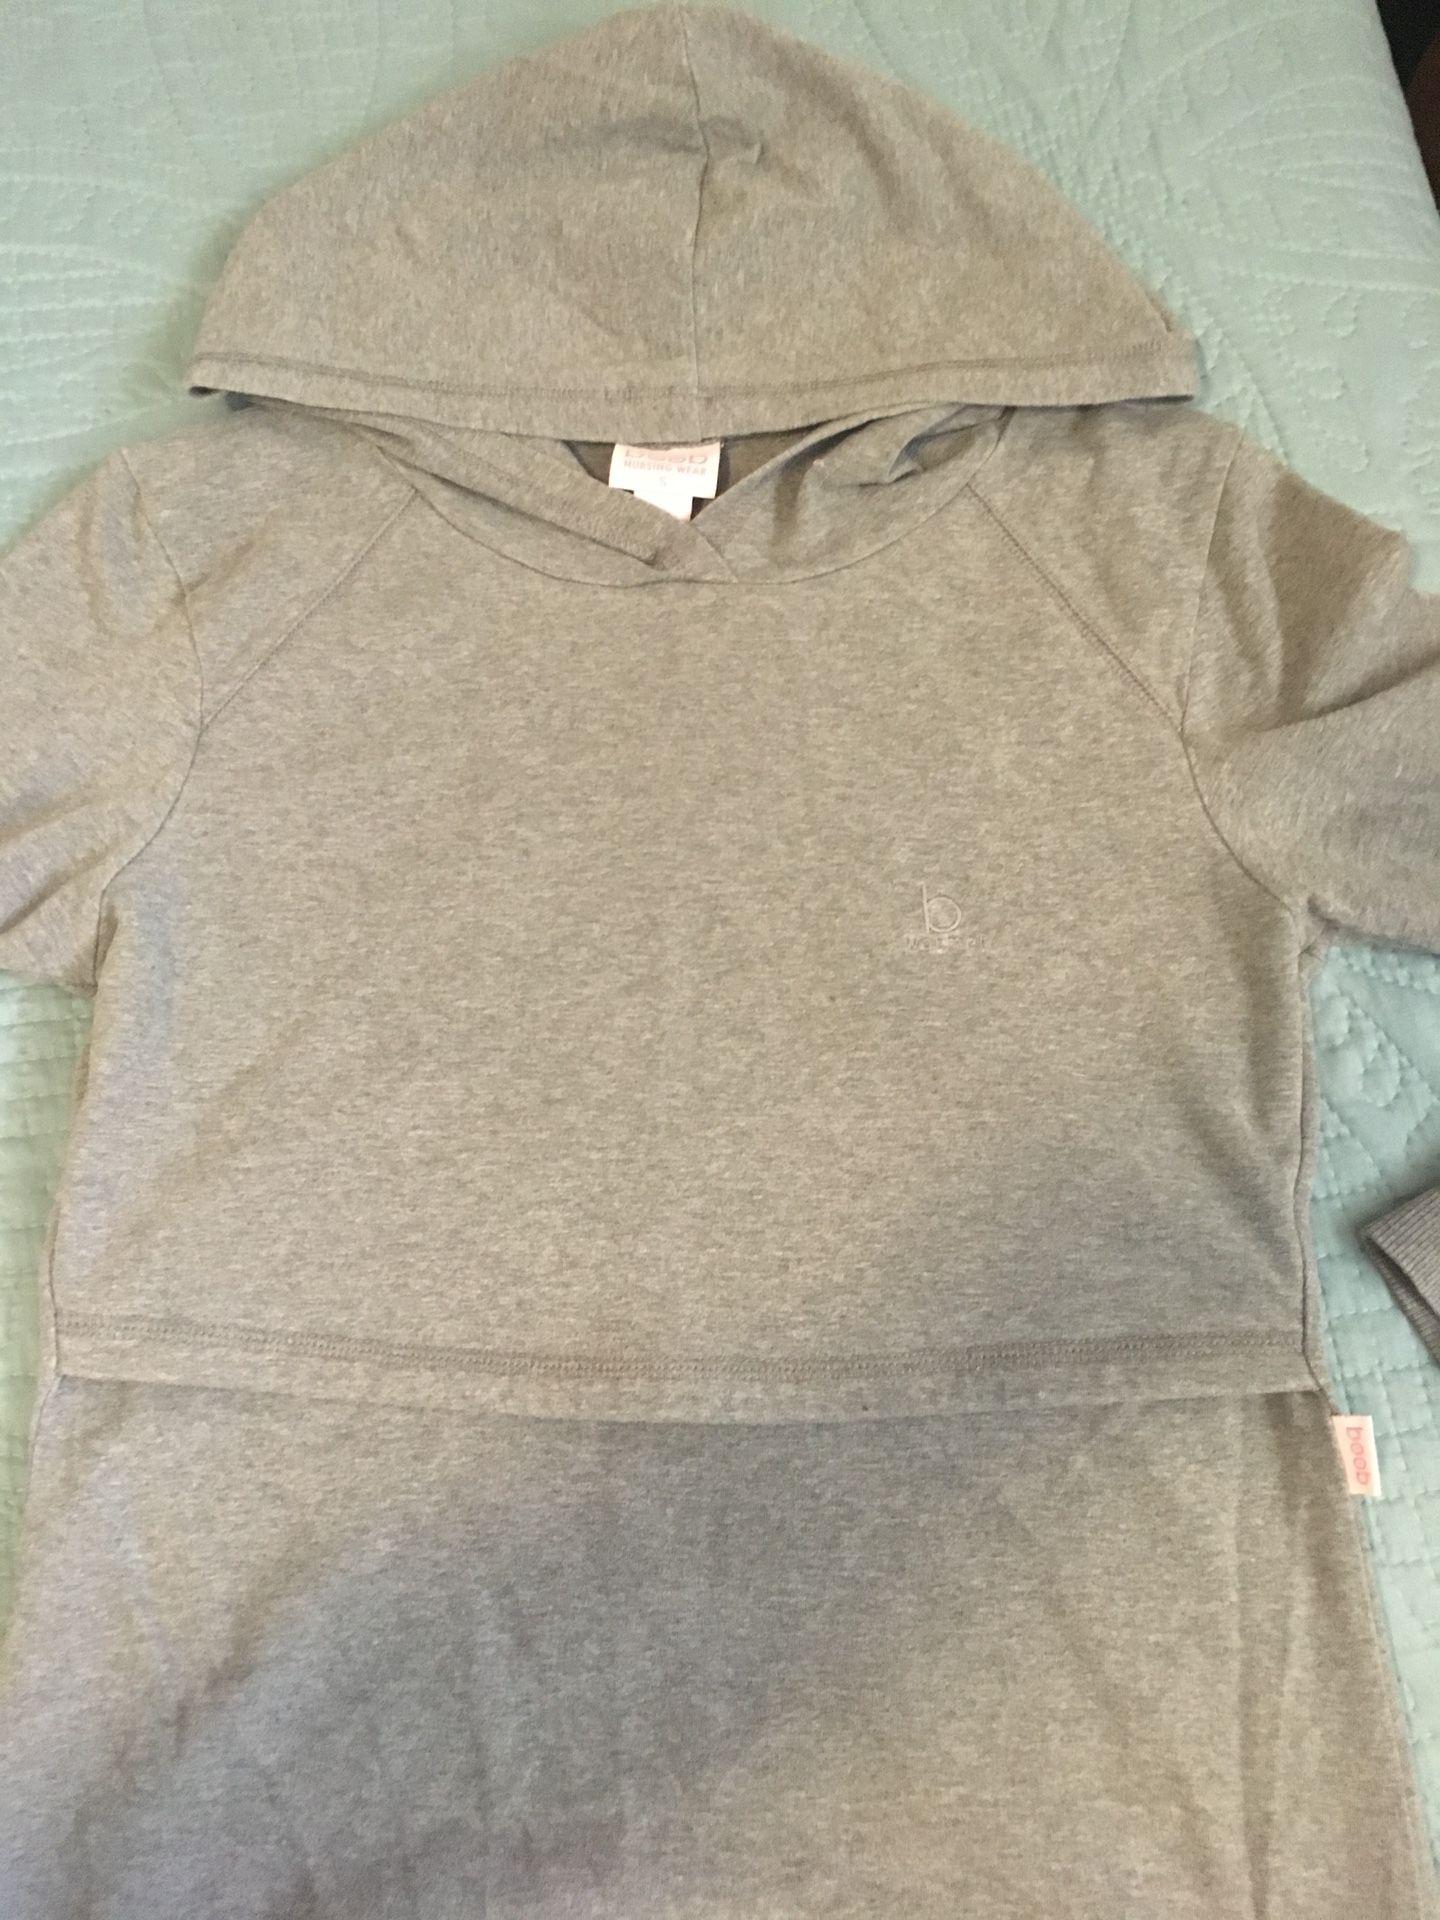 Boob Nursing sweatshirt size small